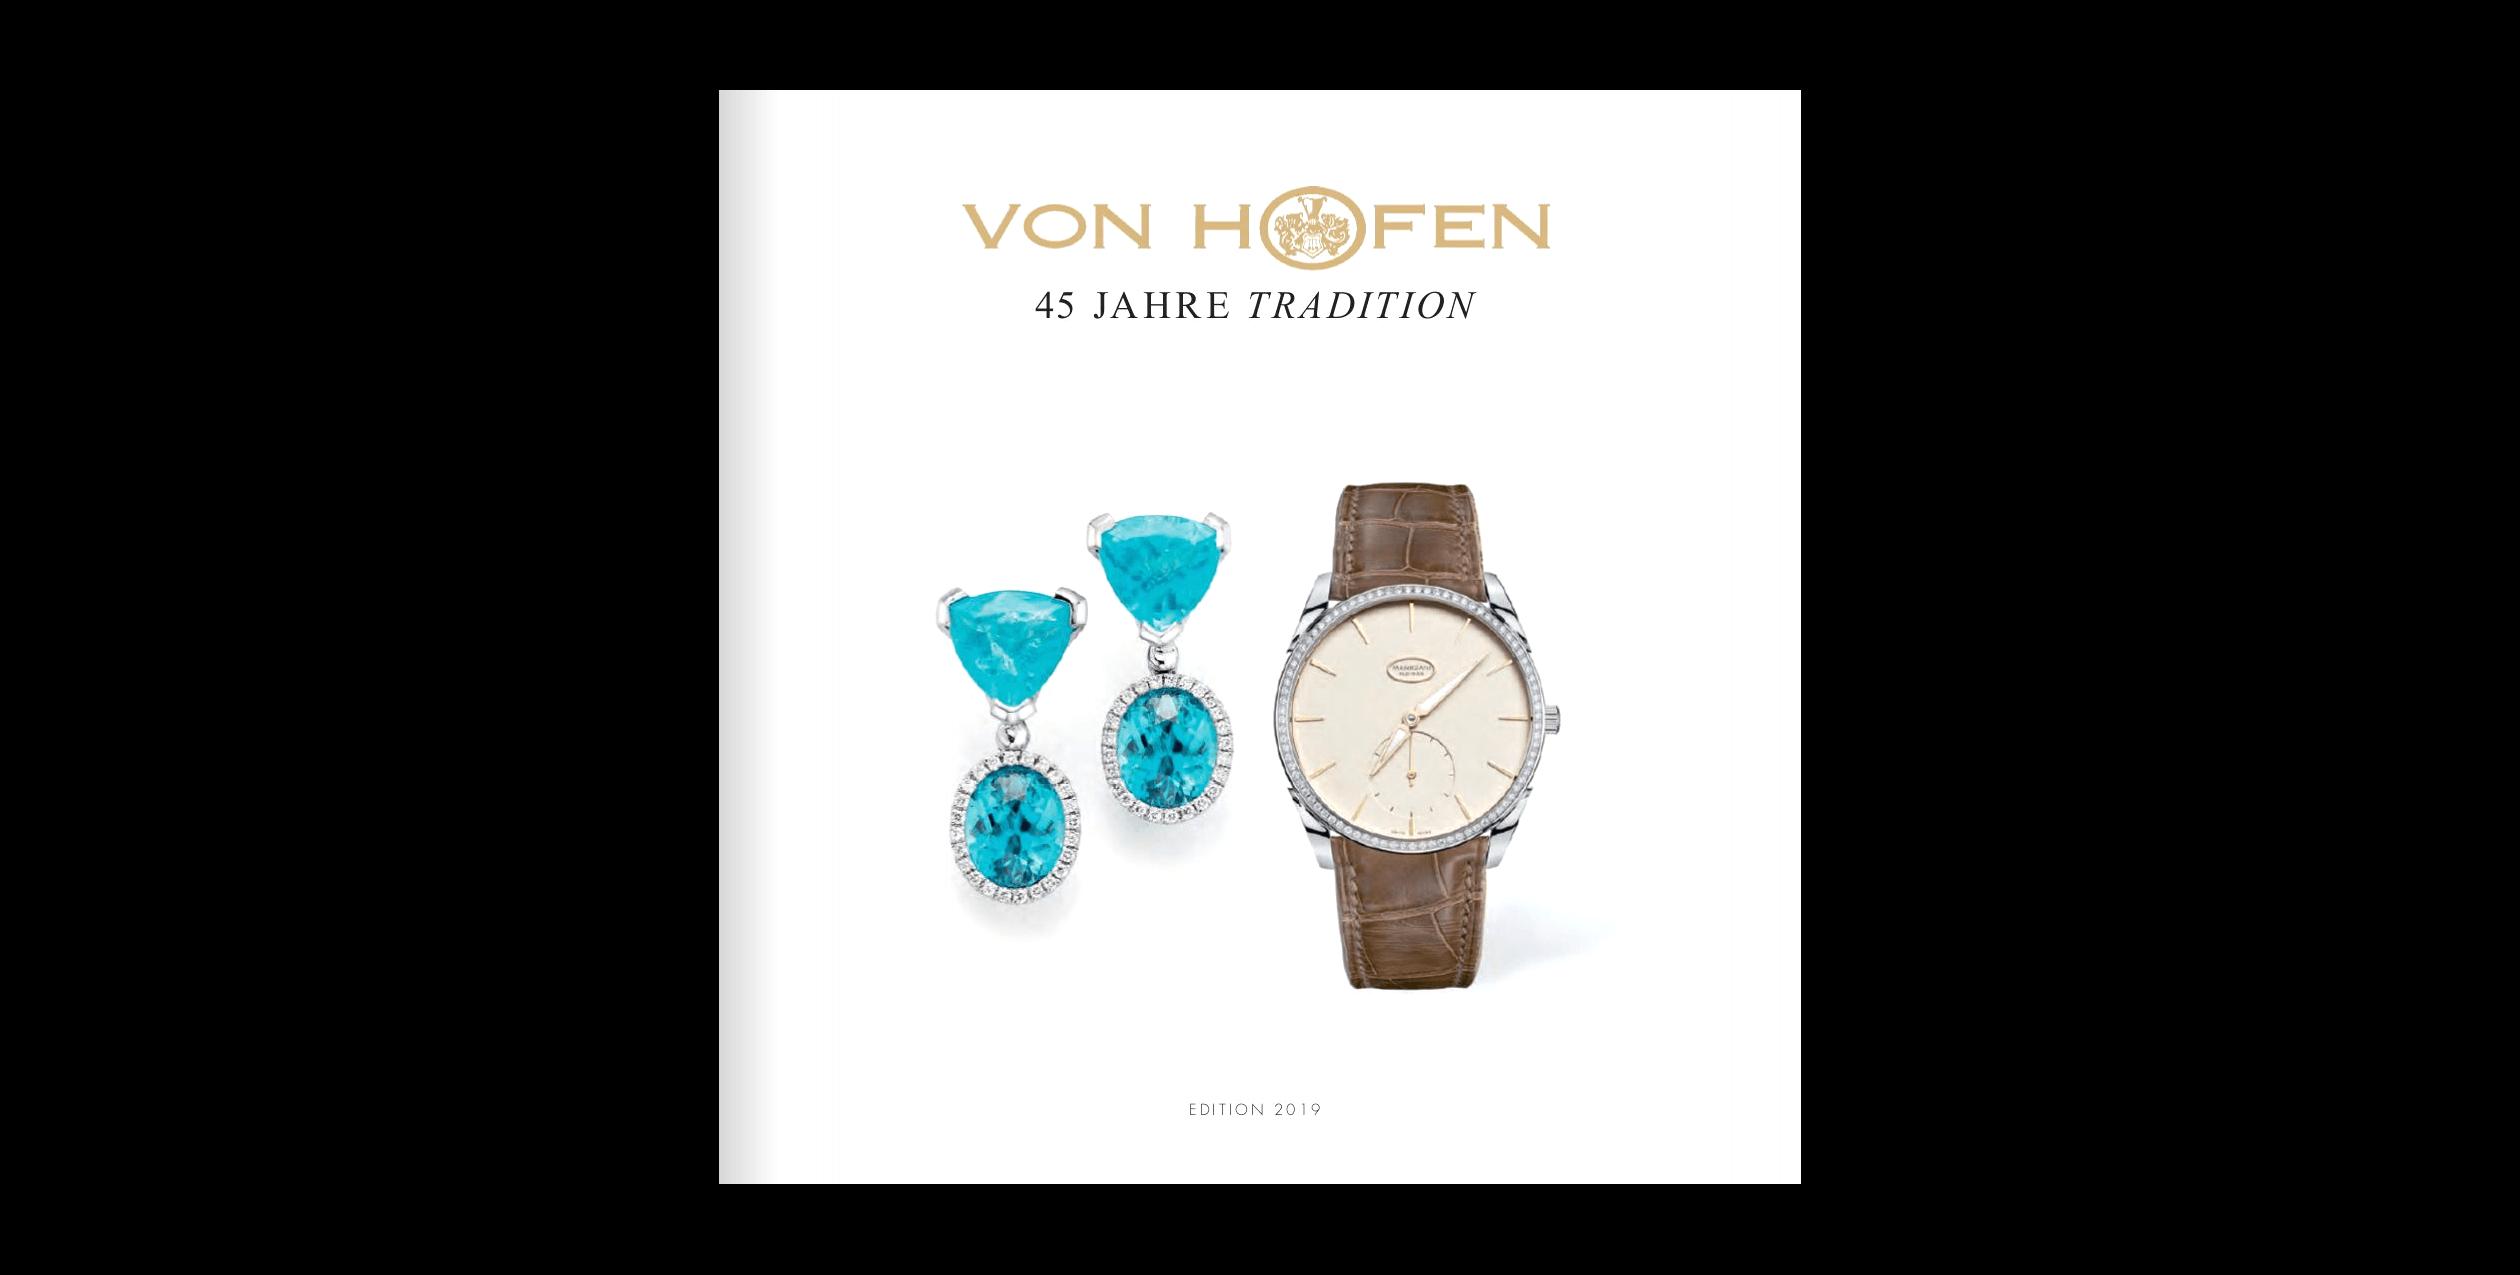 vonhofen-edition-2019